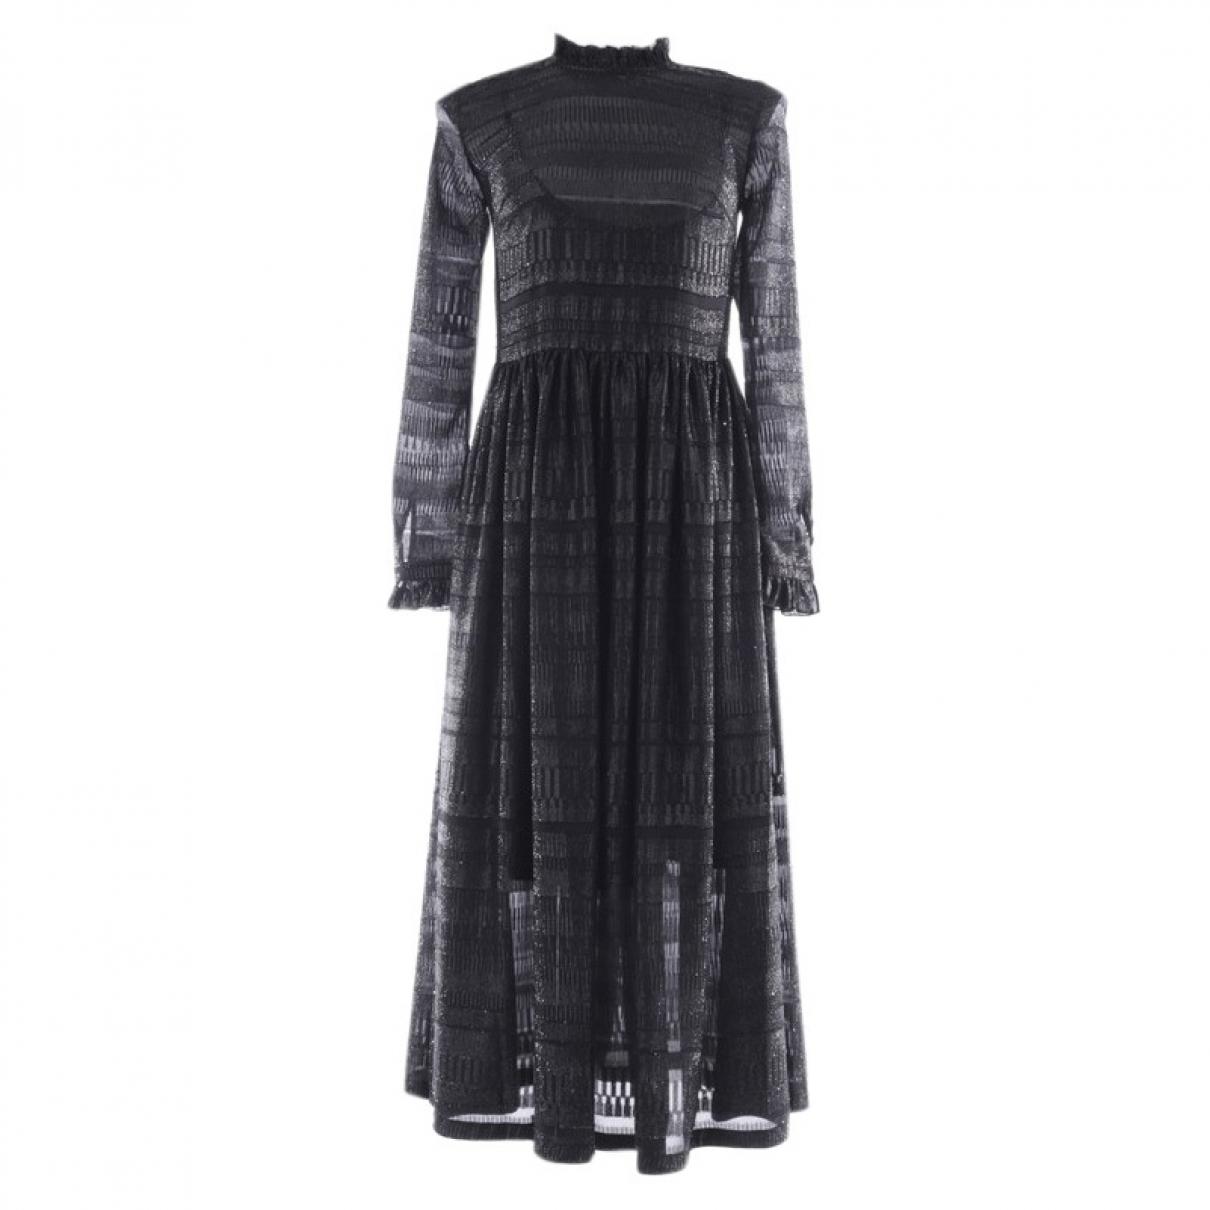 Markus Lupfer \N Black dress for Women XS International